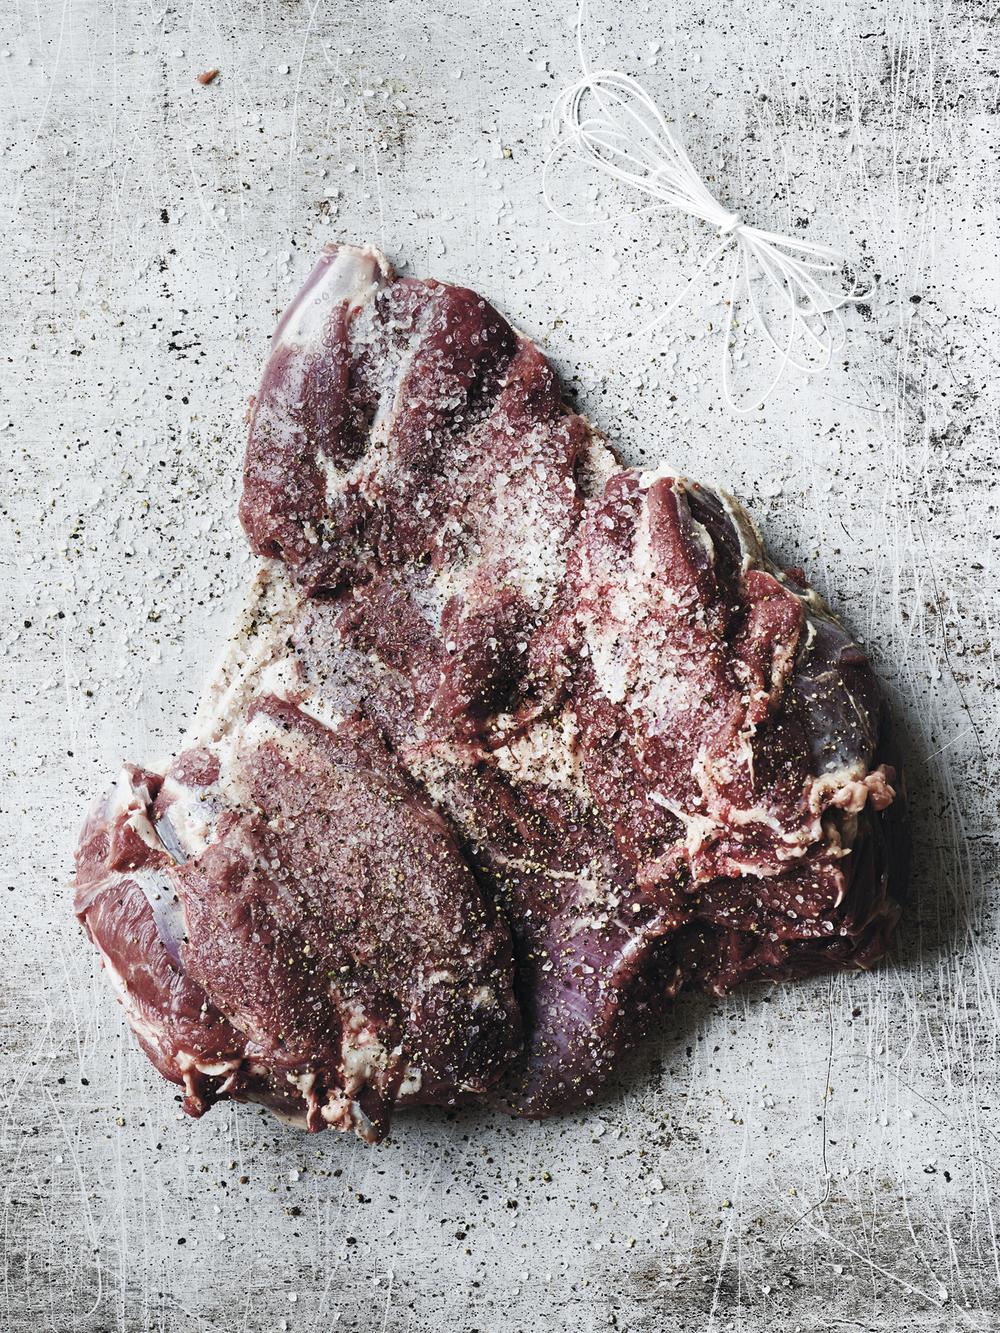 4. Dryss steika med 8 g salt per kilo (1 teskje er cirka 5 gram), noen knuste einerbær, 1 knust laurbær og nykvernet sort pepper. Jeg liker å pepre godt, men det er selvfølgelig en smakssak.